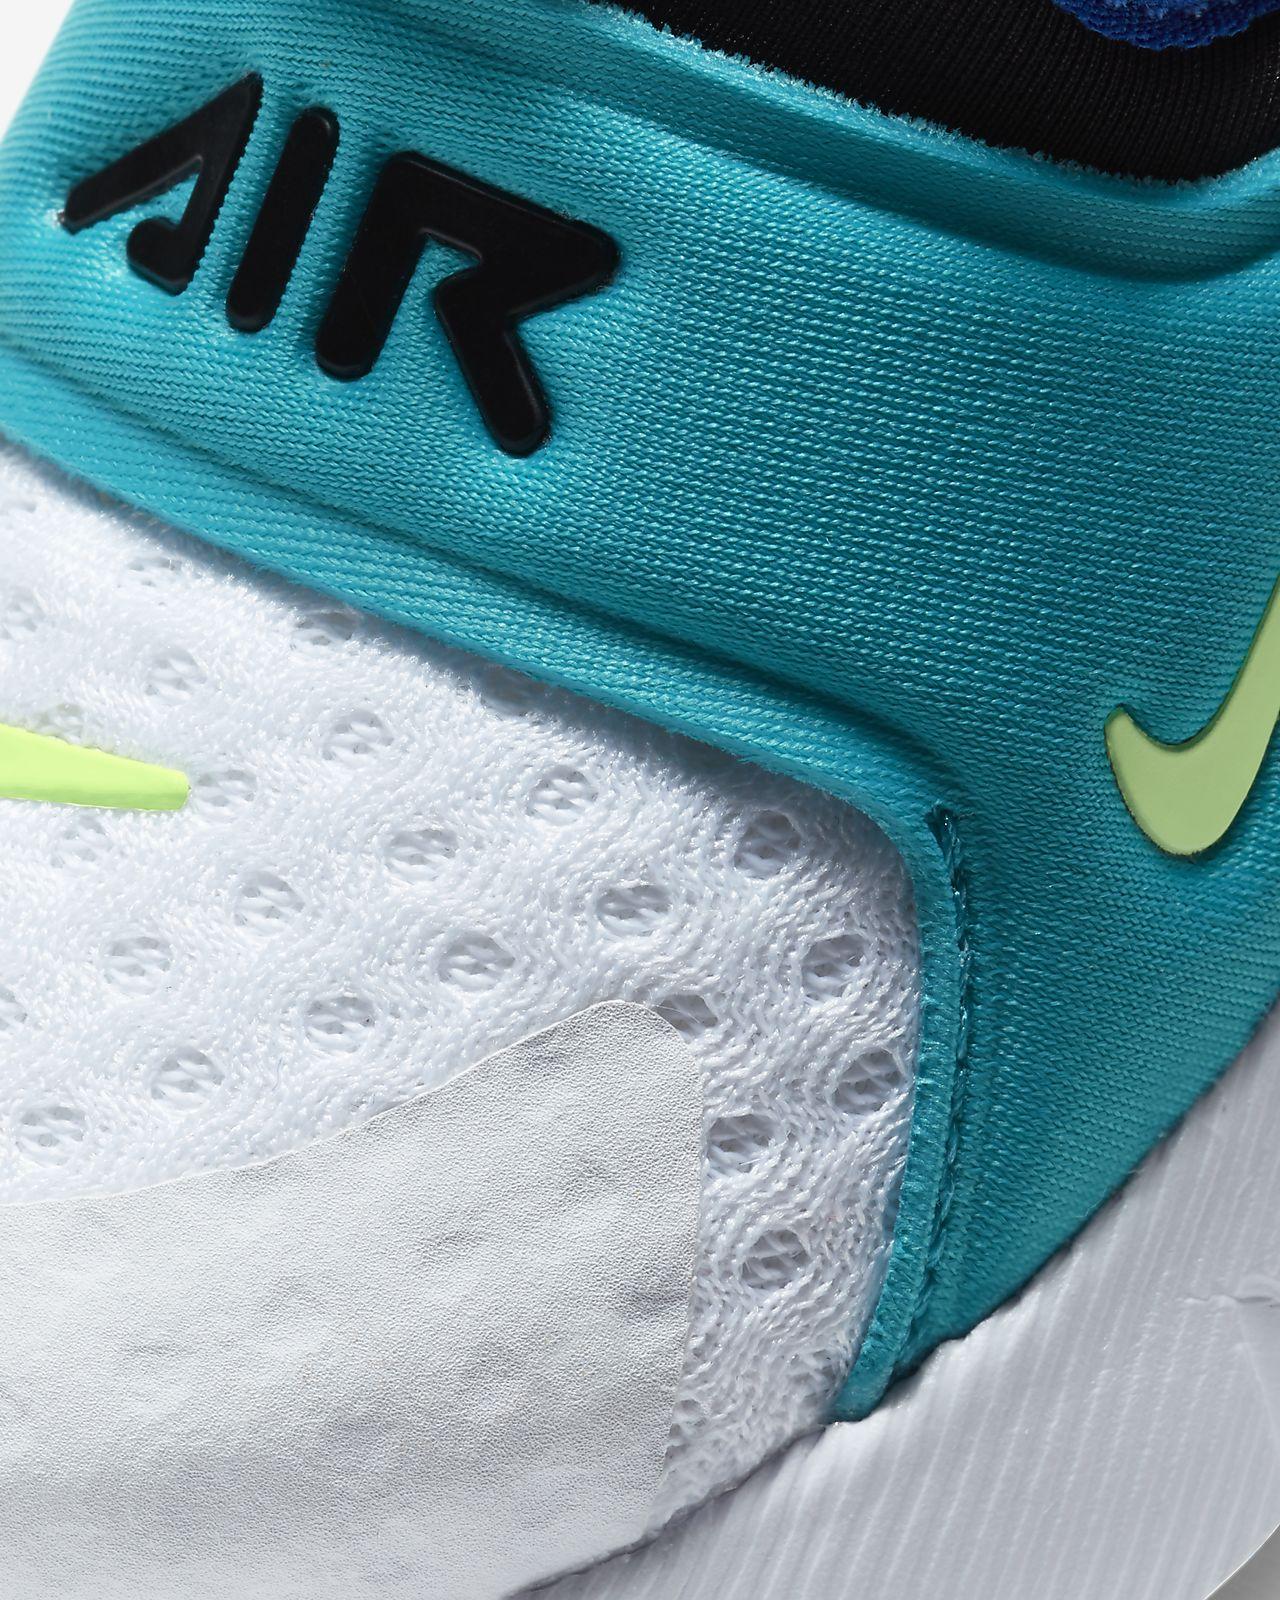 Sko Nike Air Max 270 Extreme för babysmå barn